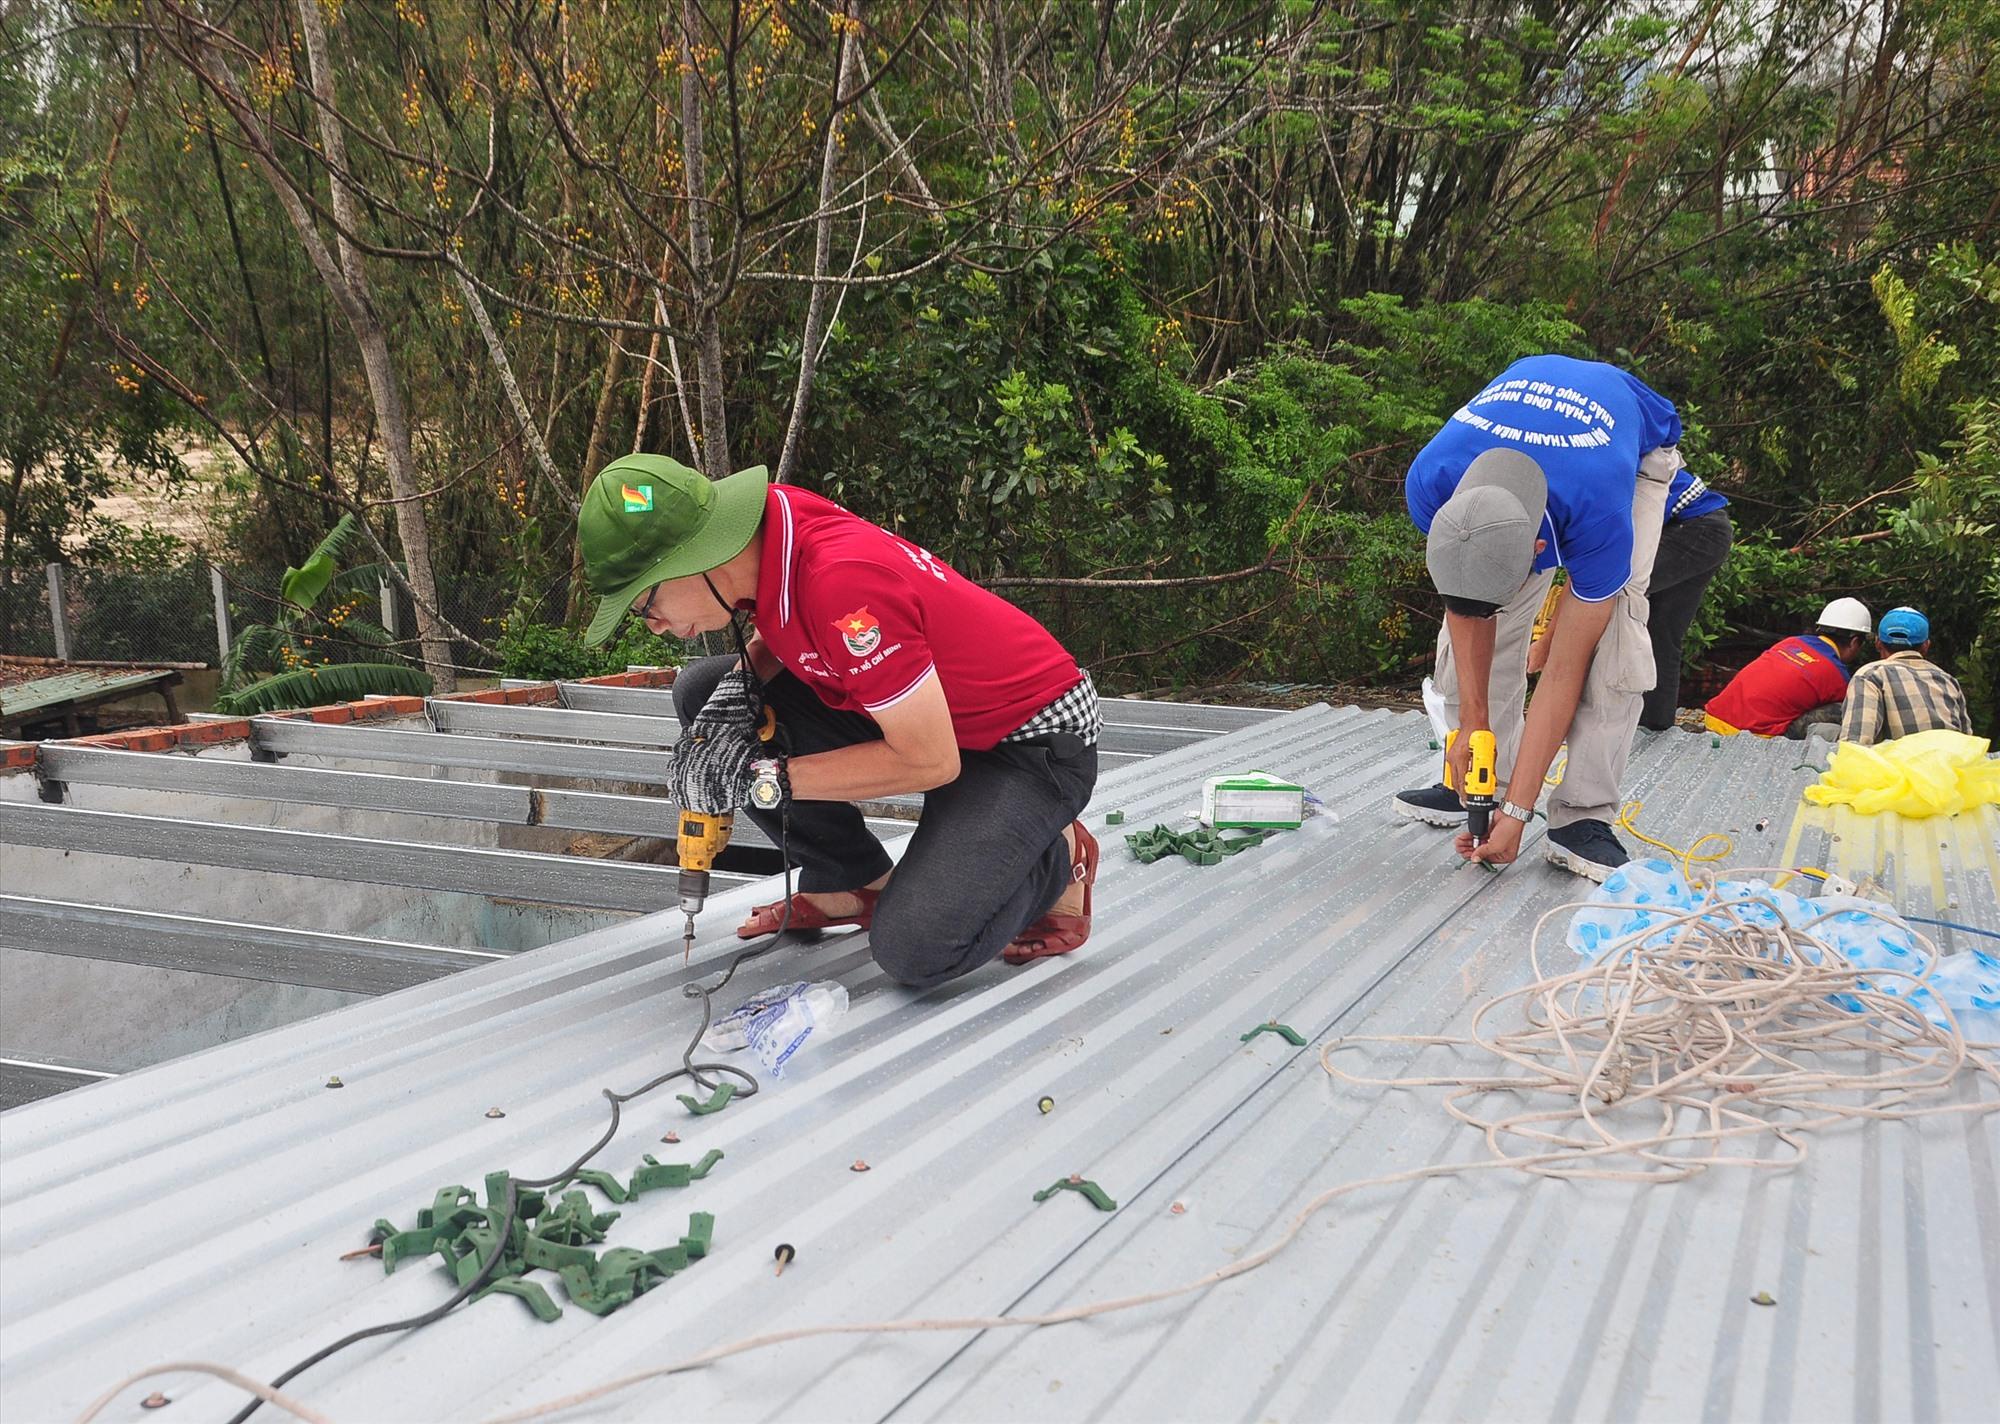 Thanh niên tình nguyện sửa chữa nhà cho người dân. Ảnh: ANH NGƯỚC